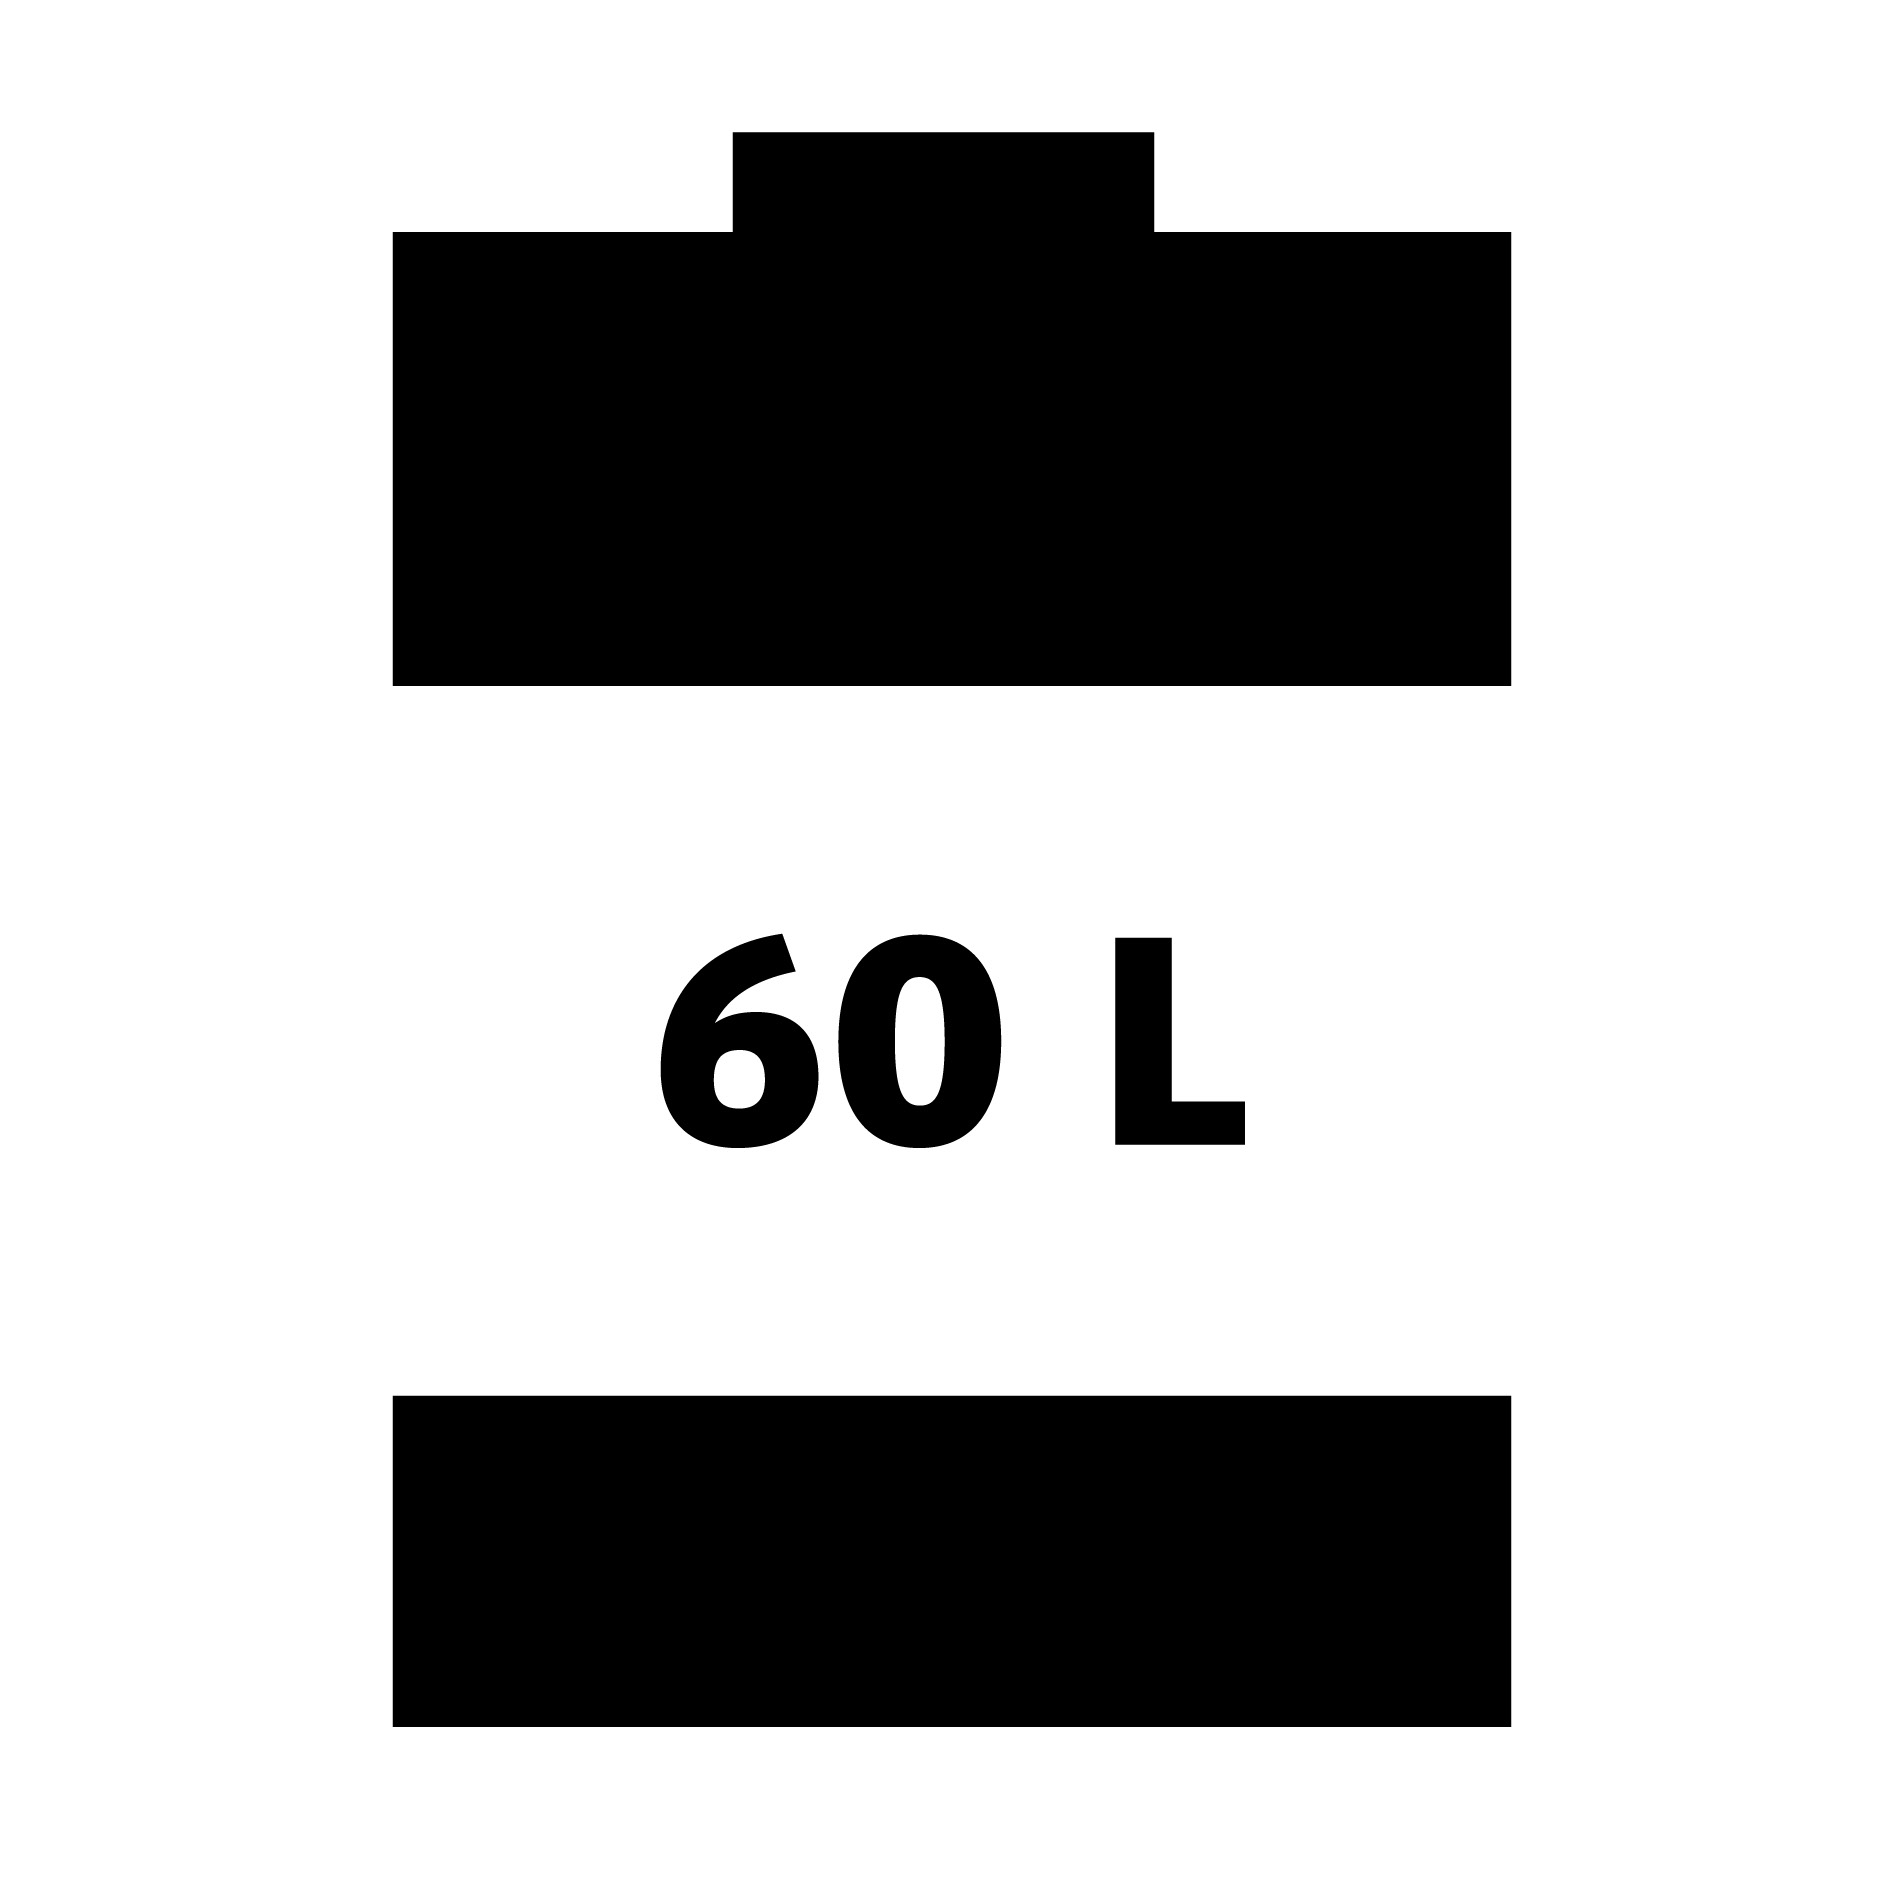 bremsfl ssigkeit dot4 plus 60 l manter onlineshop. Black Bedroom Furniture Sets. Home Design Ideas